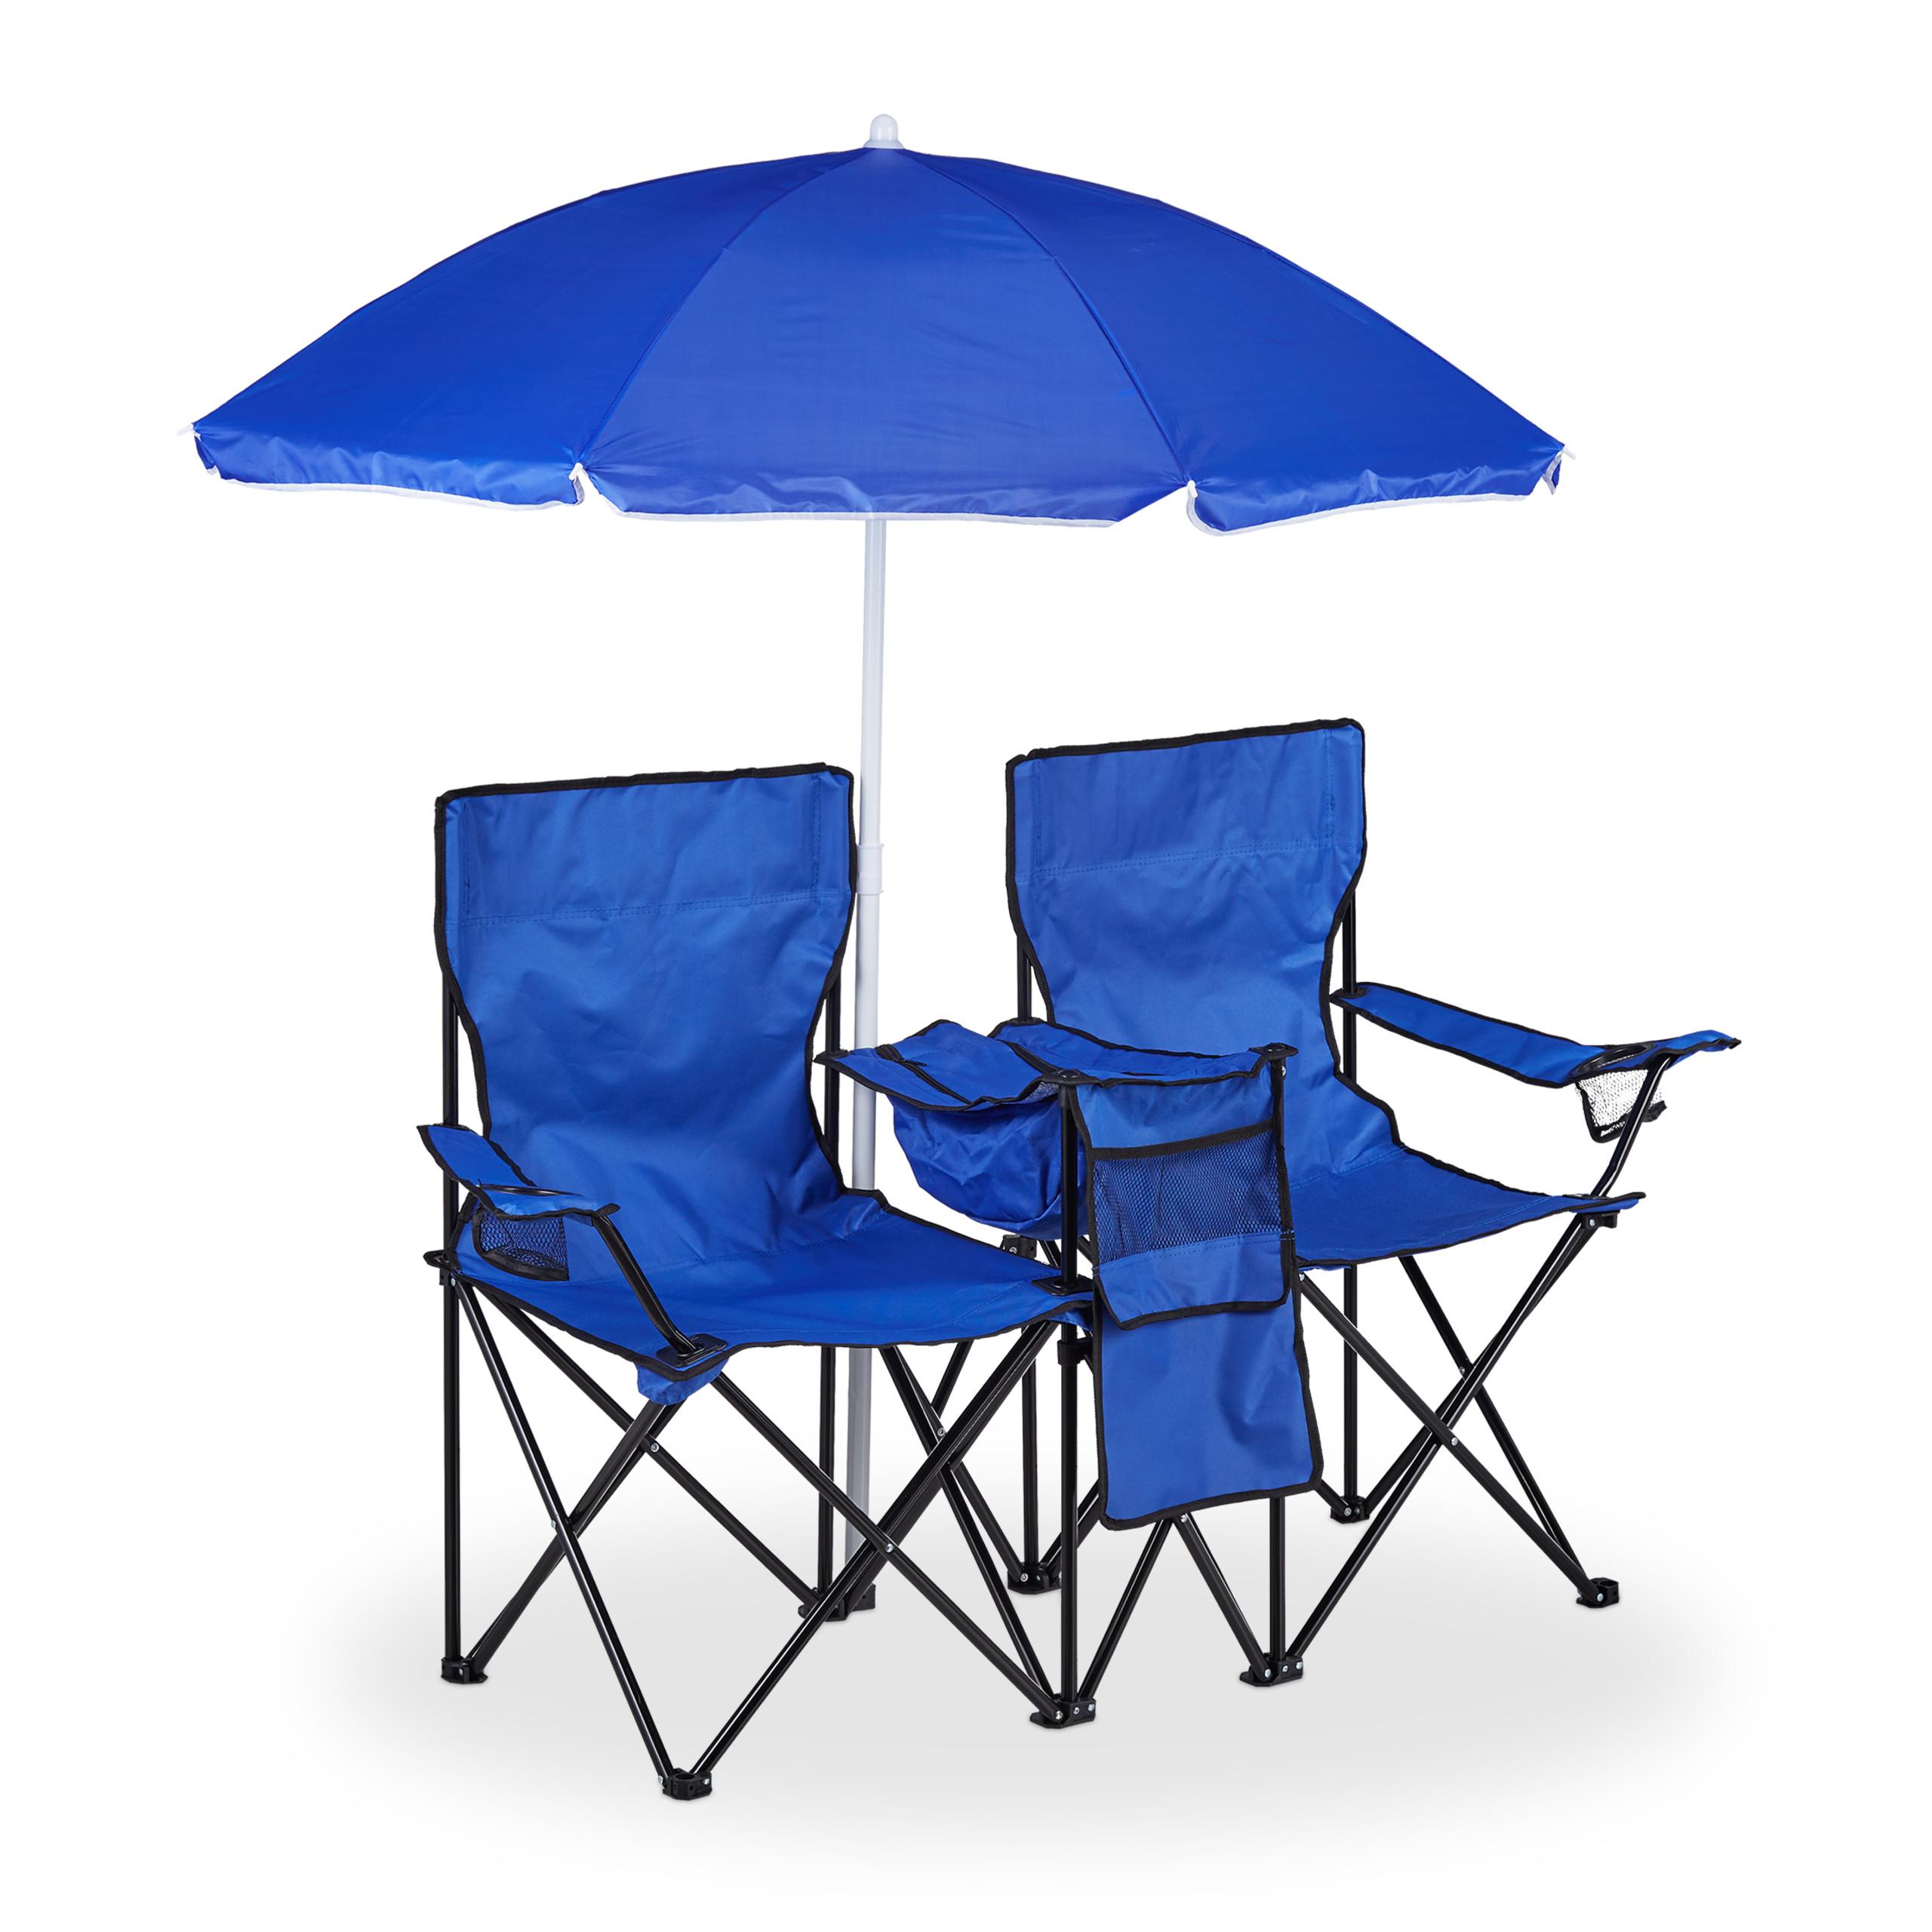 Doppel Campingstuhl outdoor 2er Partner Campingstuhl Sonnenschirm Strandstuhl